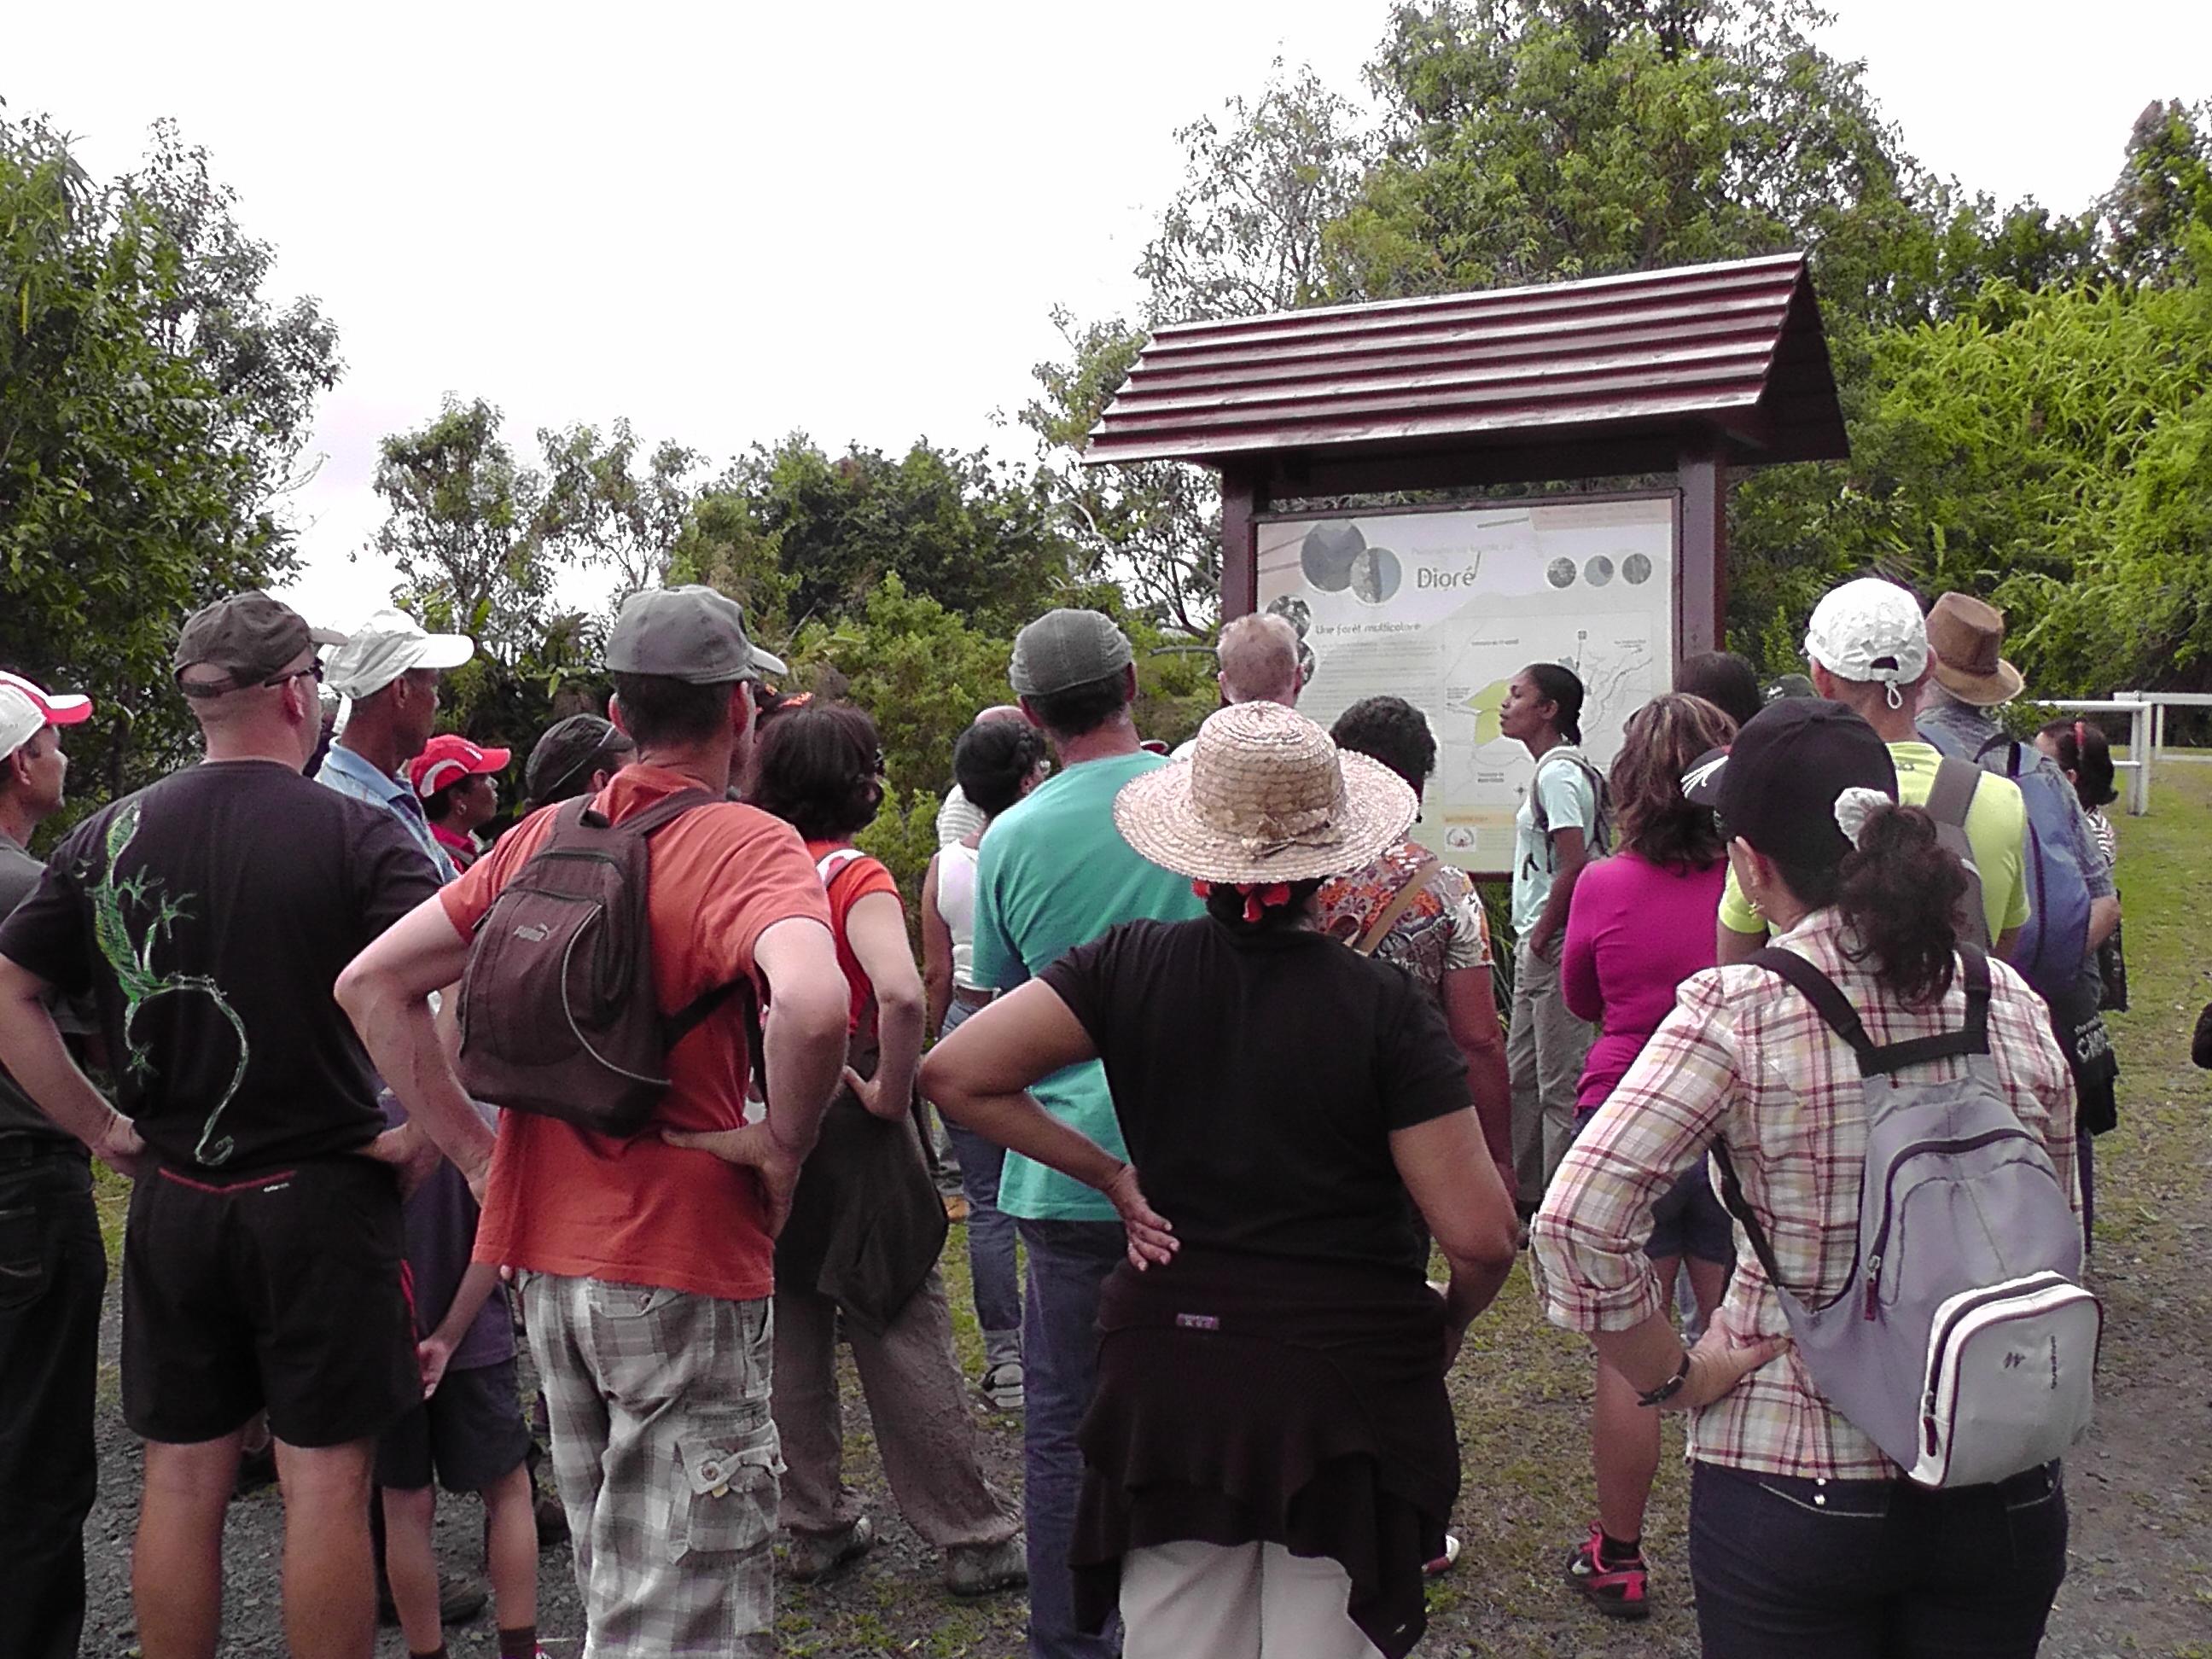 Saint-André, La Réunion: des animateurs de l'association Allons Pren'Dioré en Mains sensibilisent le publiques aux problématiques environnementales qui touchent La Réunion lors d'une visite de la forêt de Dioré. © Allons Pren'Dioré en Mains